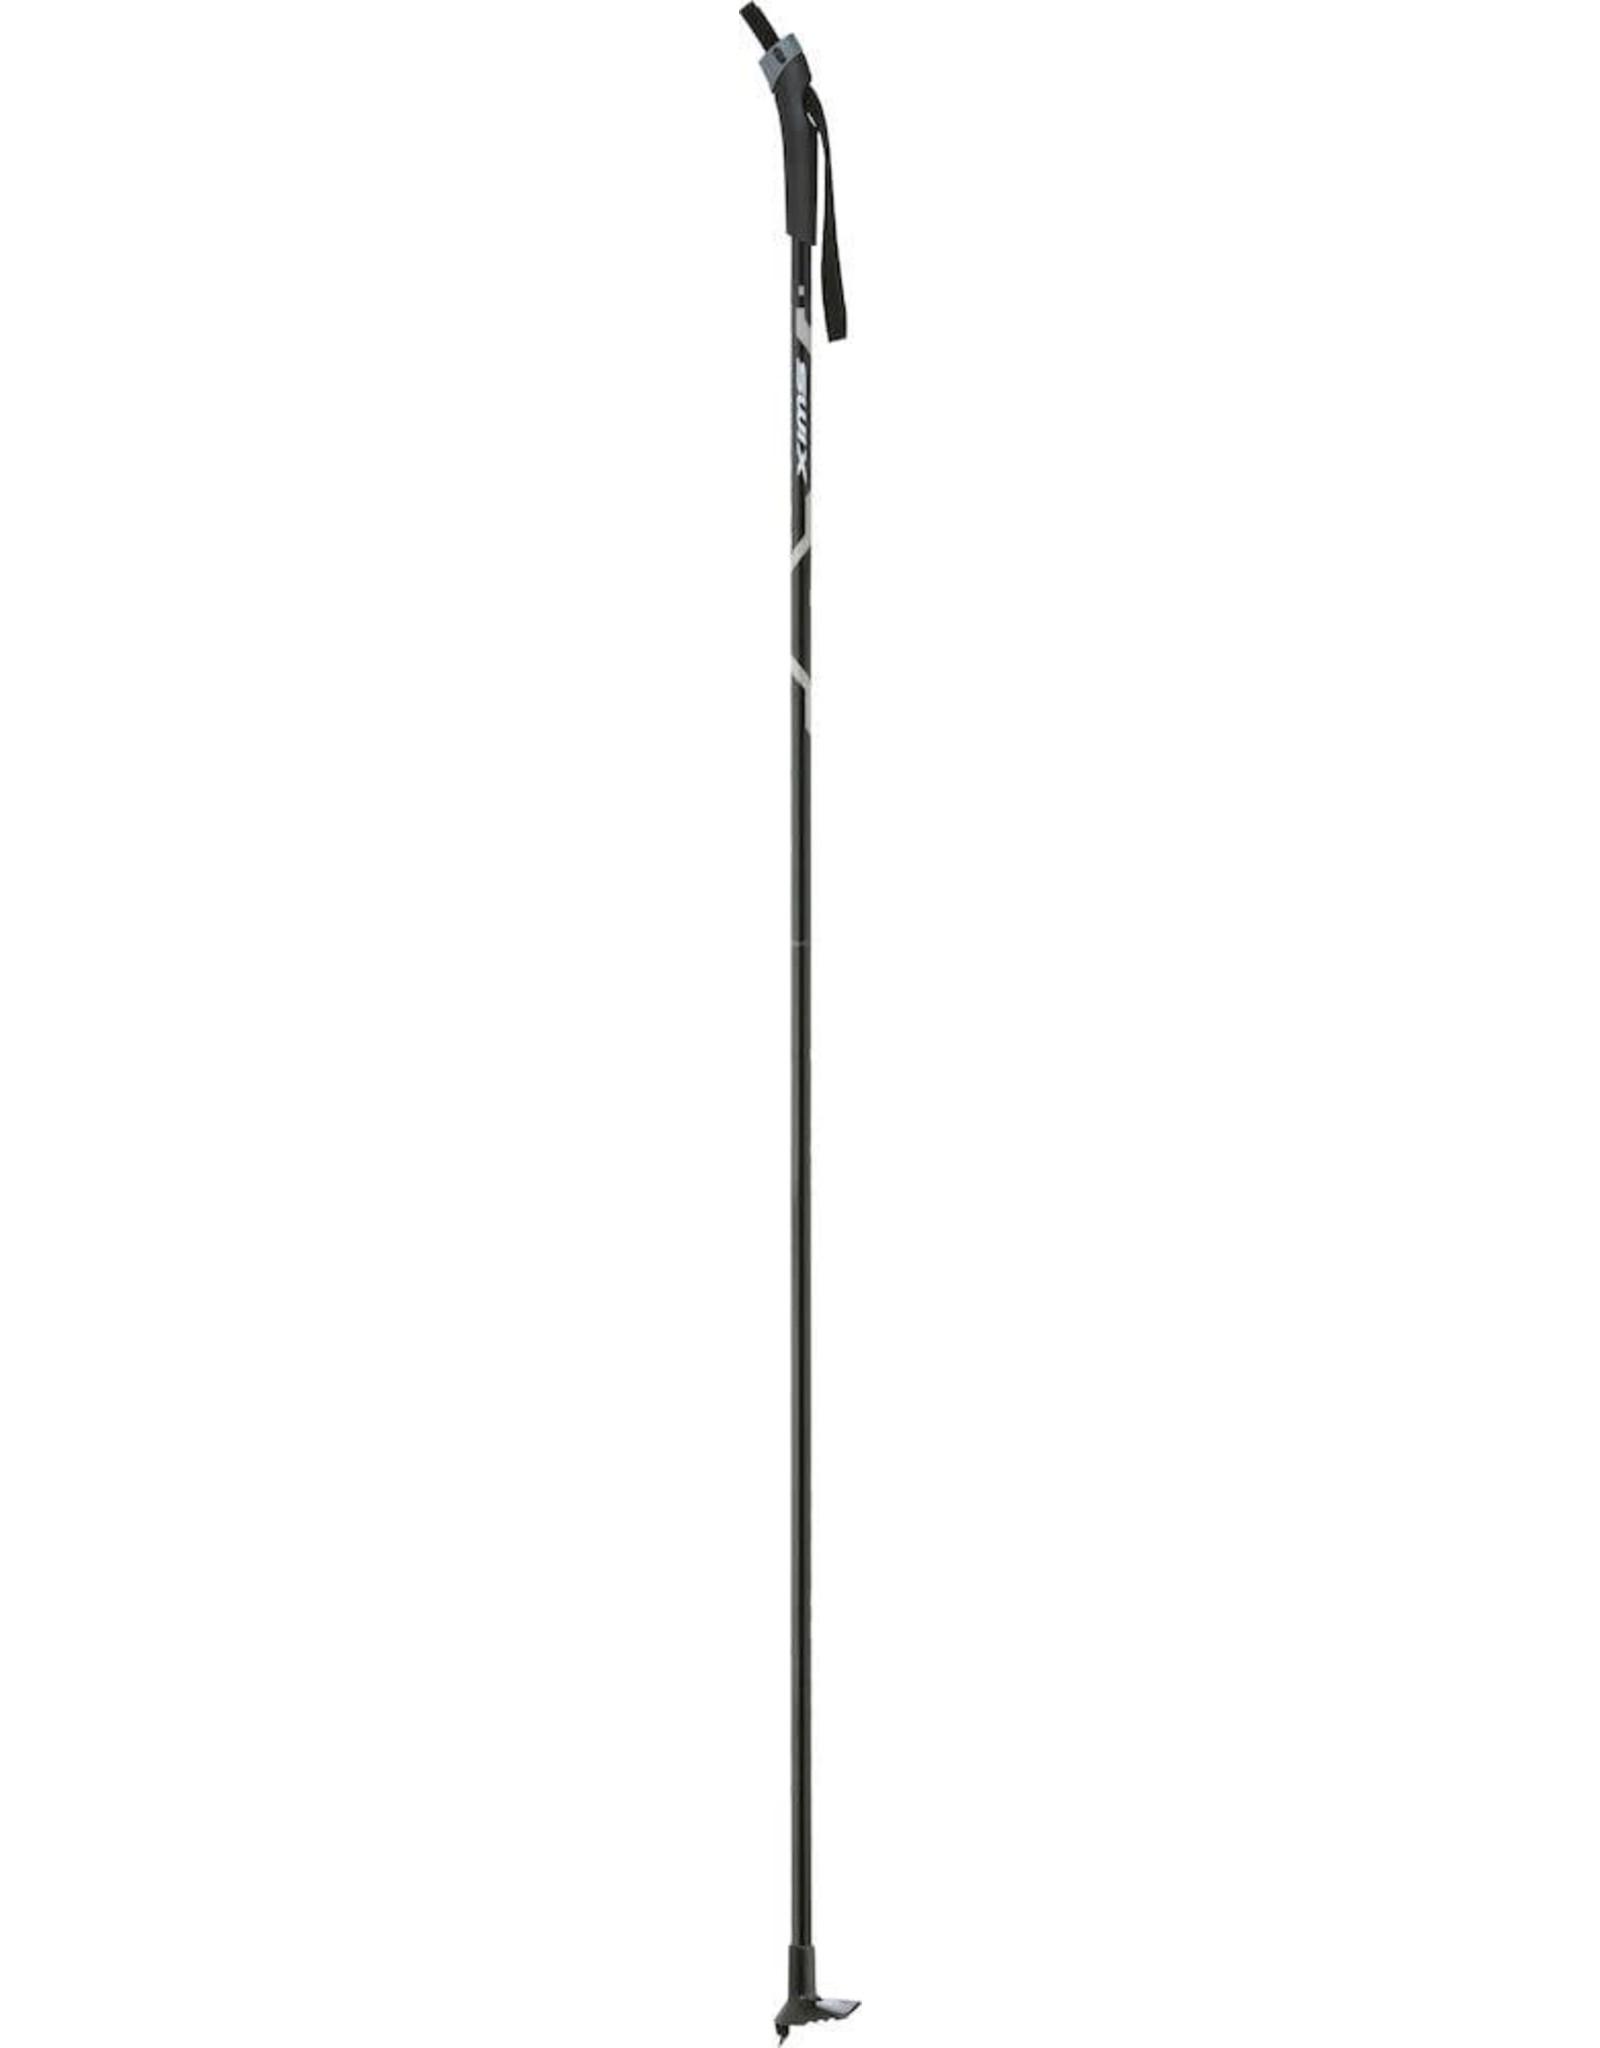 Swix Swix - Nordic 130 Ski Pole